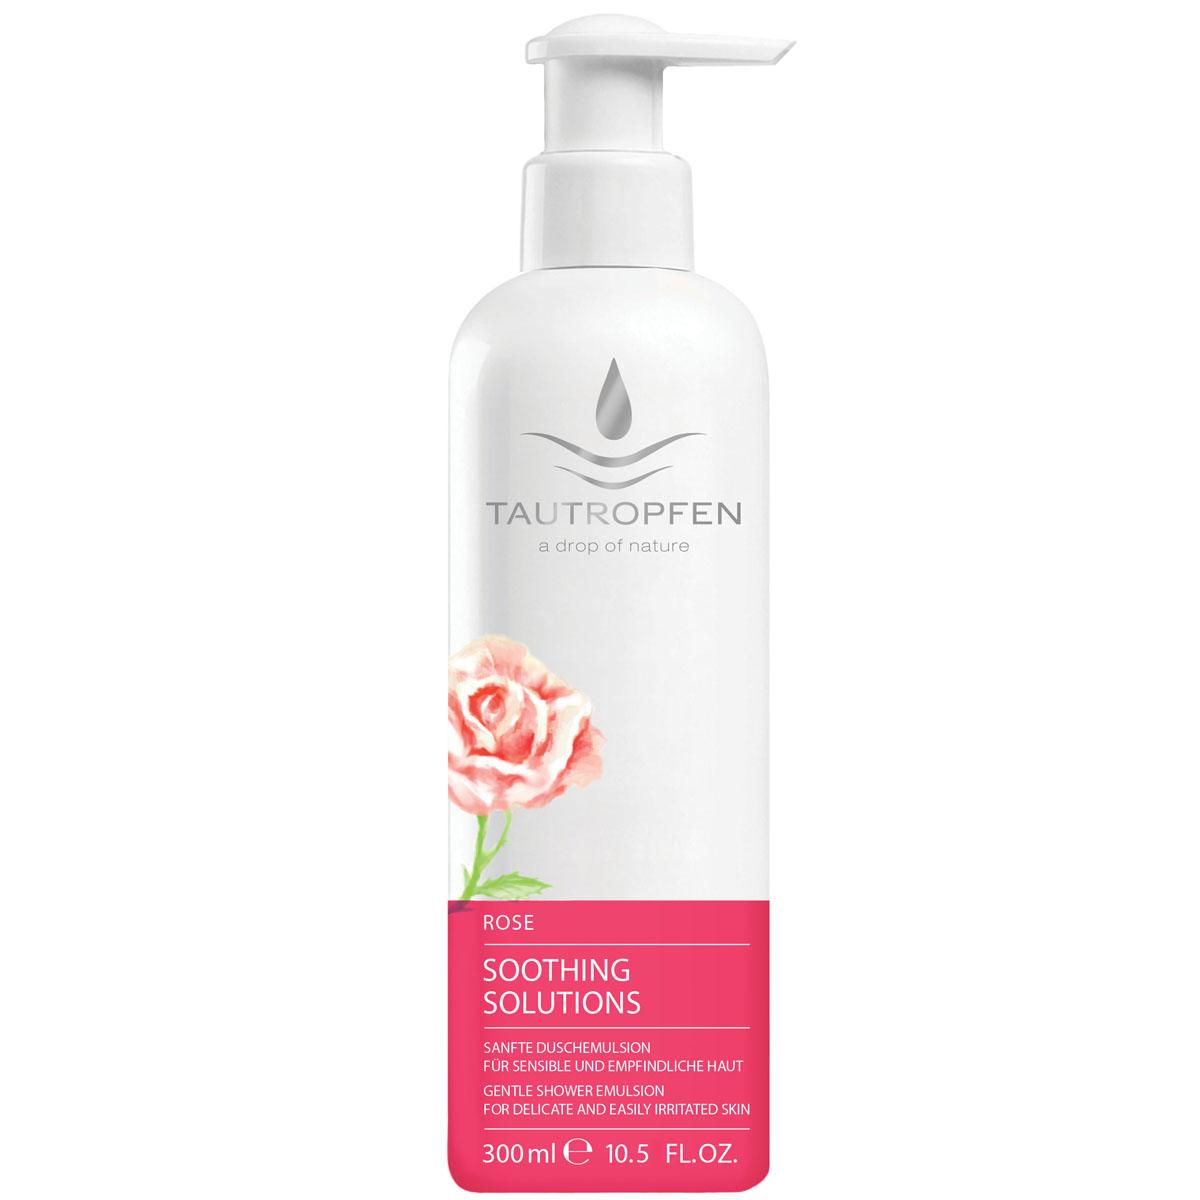 Rose shower